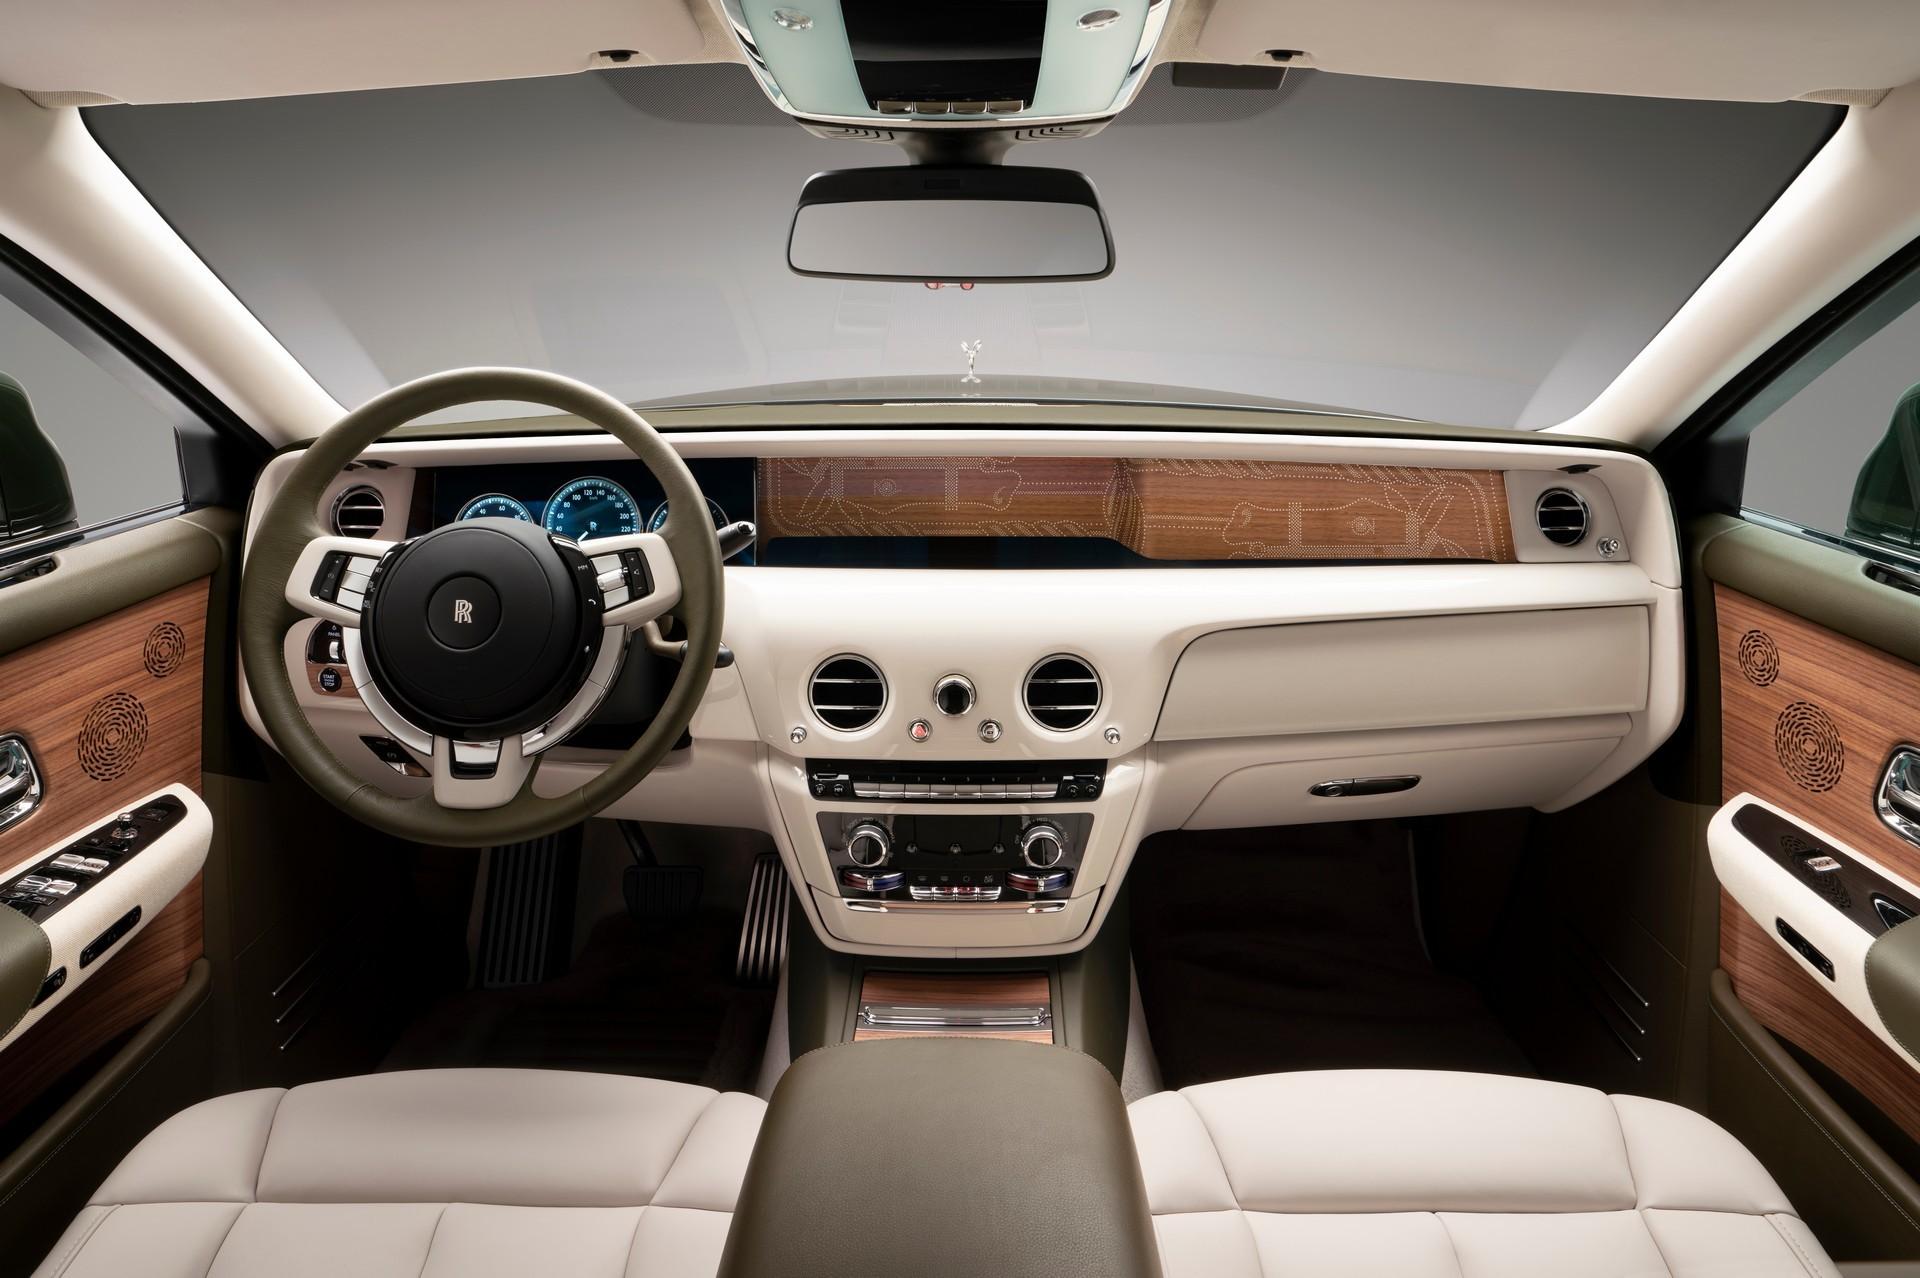 Эксклюзивный Rolls-Royce Phantom Oribe для японского миллиардера